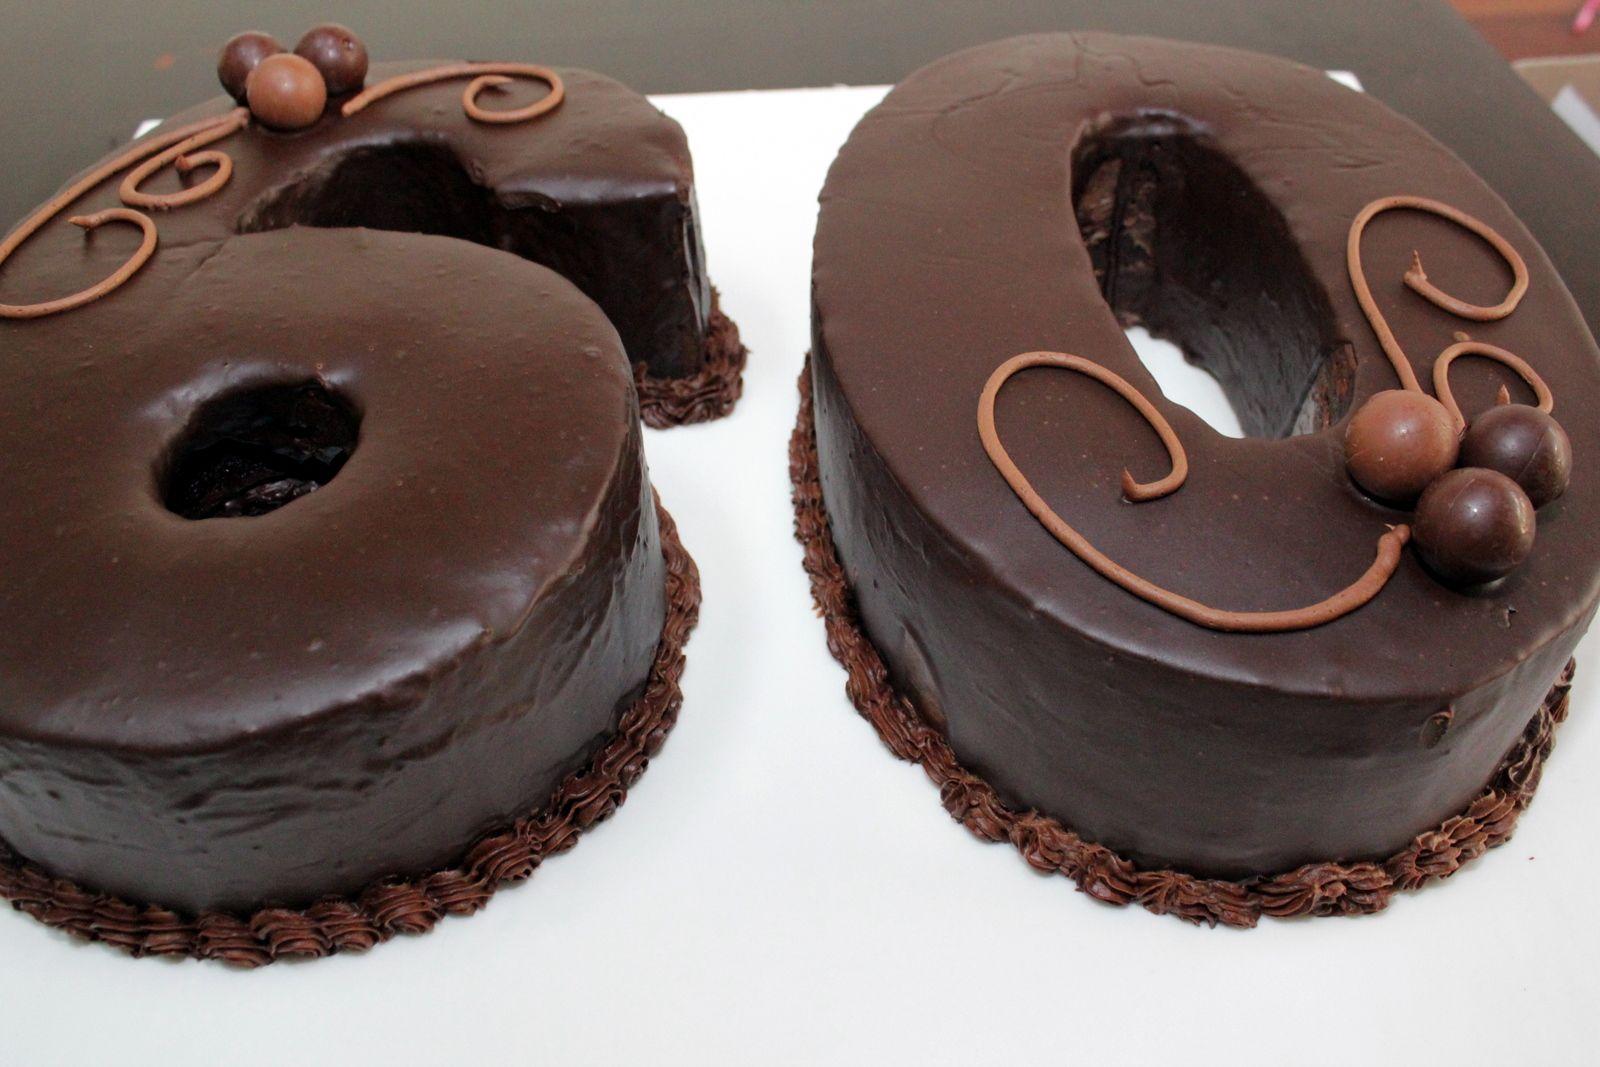 30th birthday cake ideas - chocolates   Number cakes, Cake ...